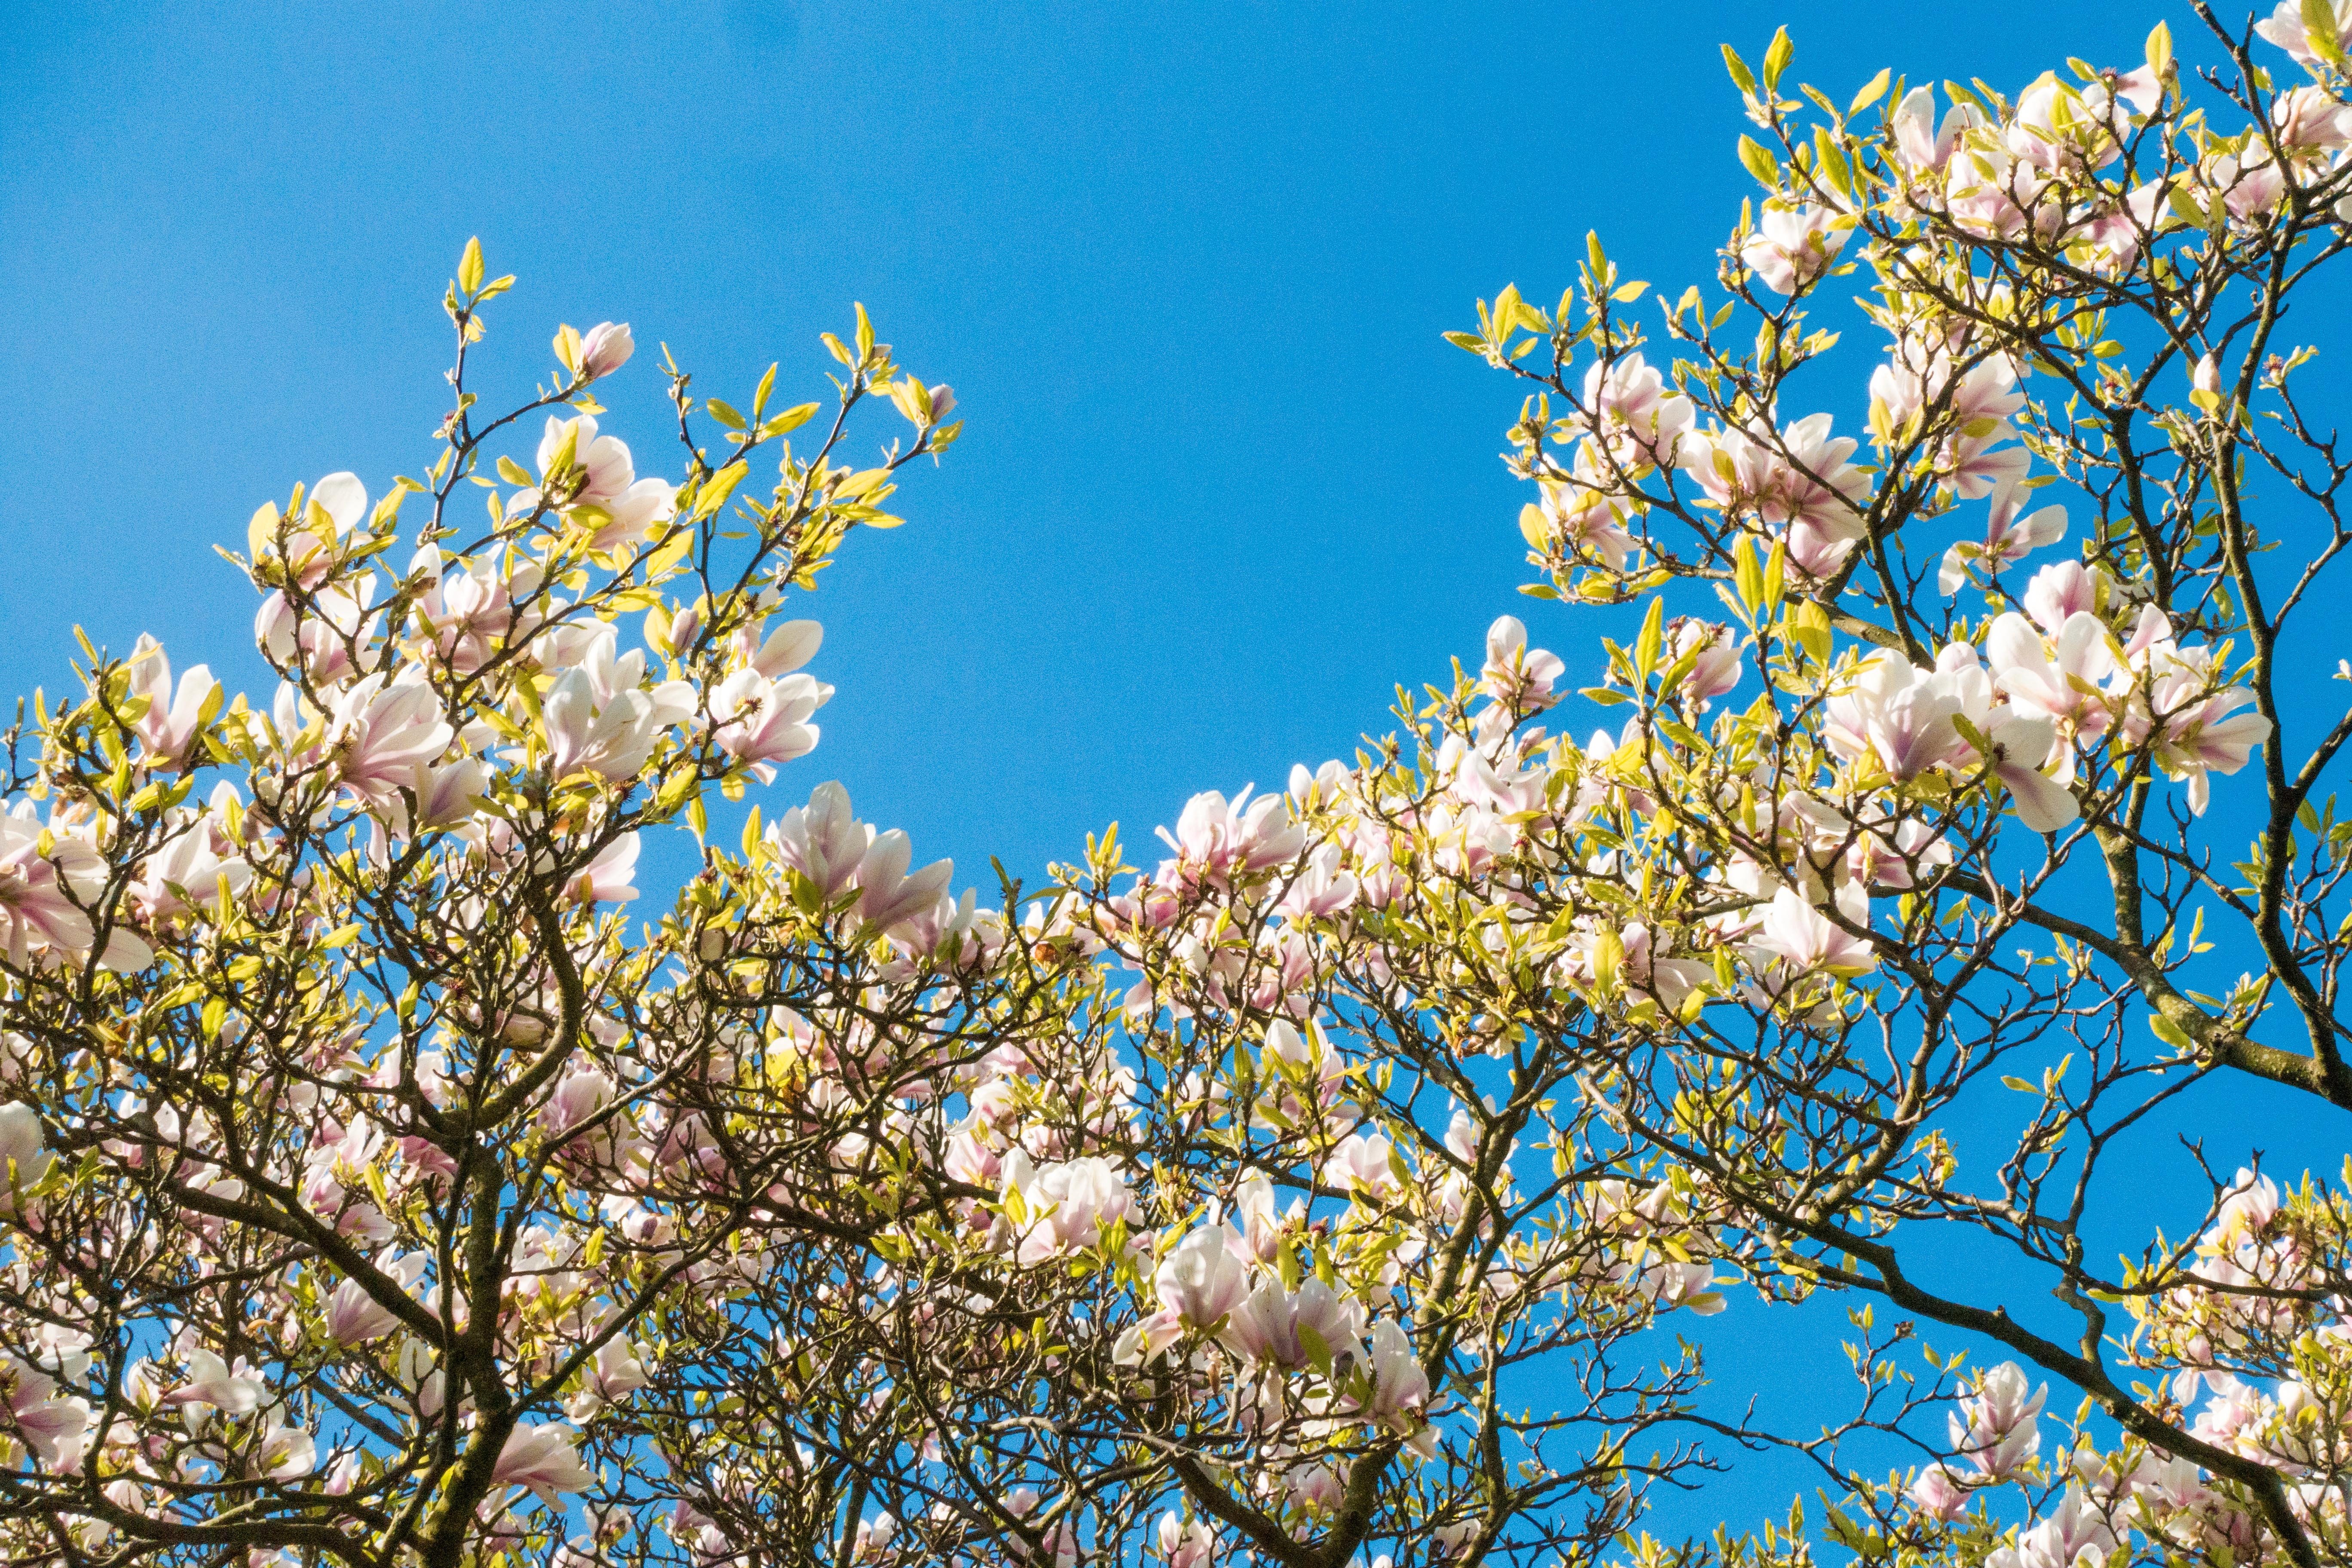 Magnolia Blossoms, Hove